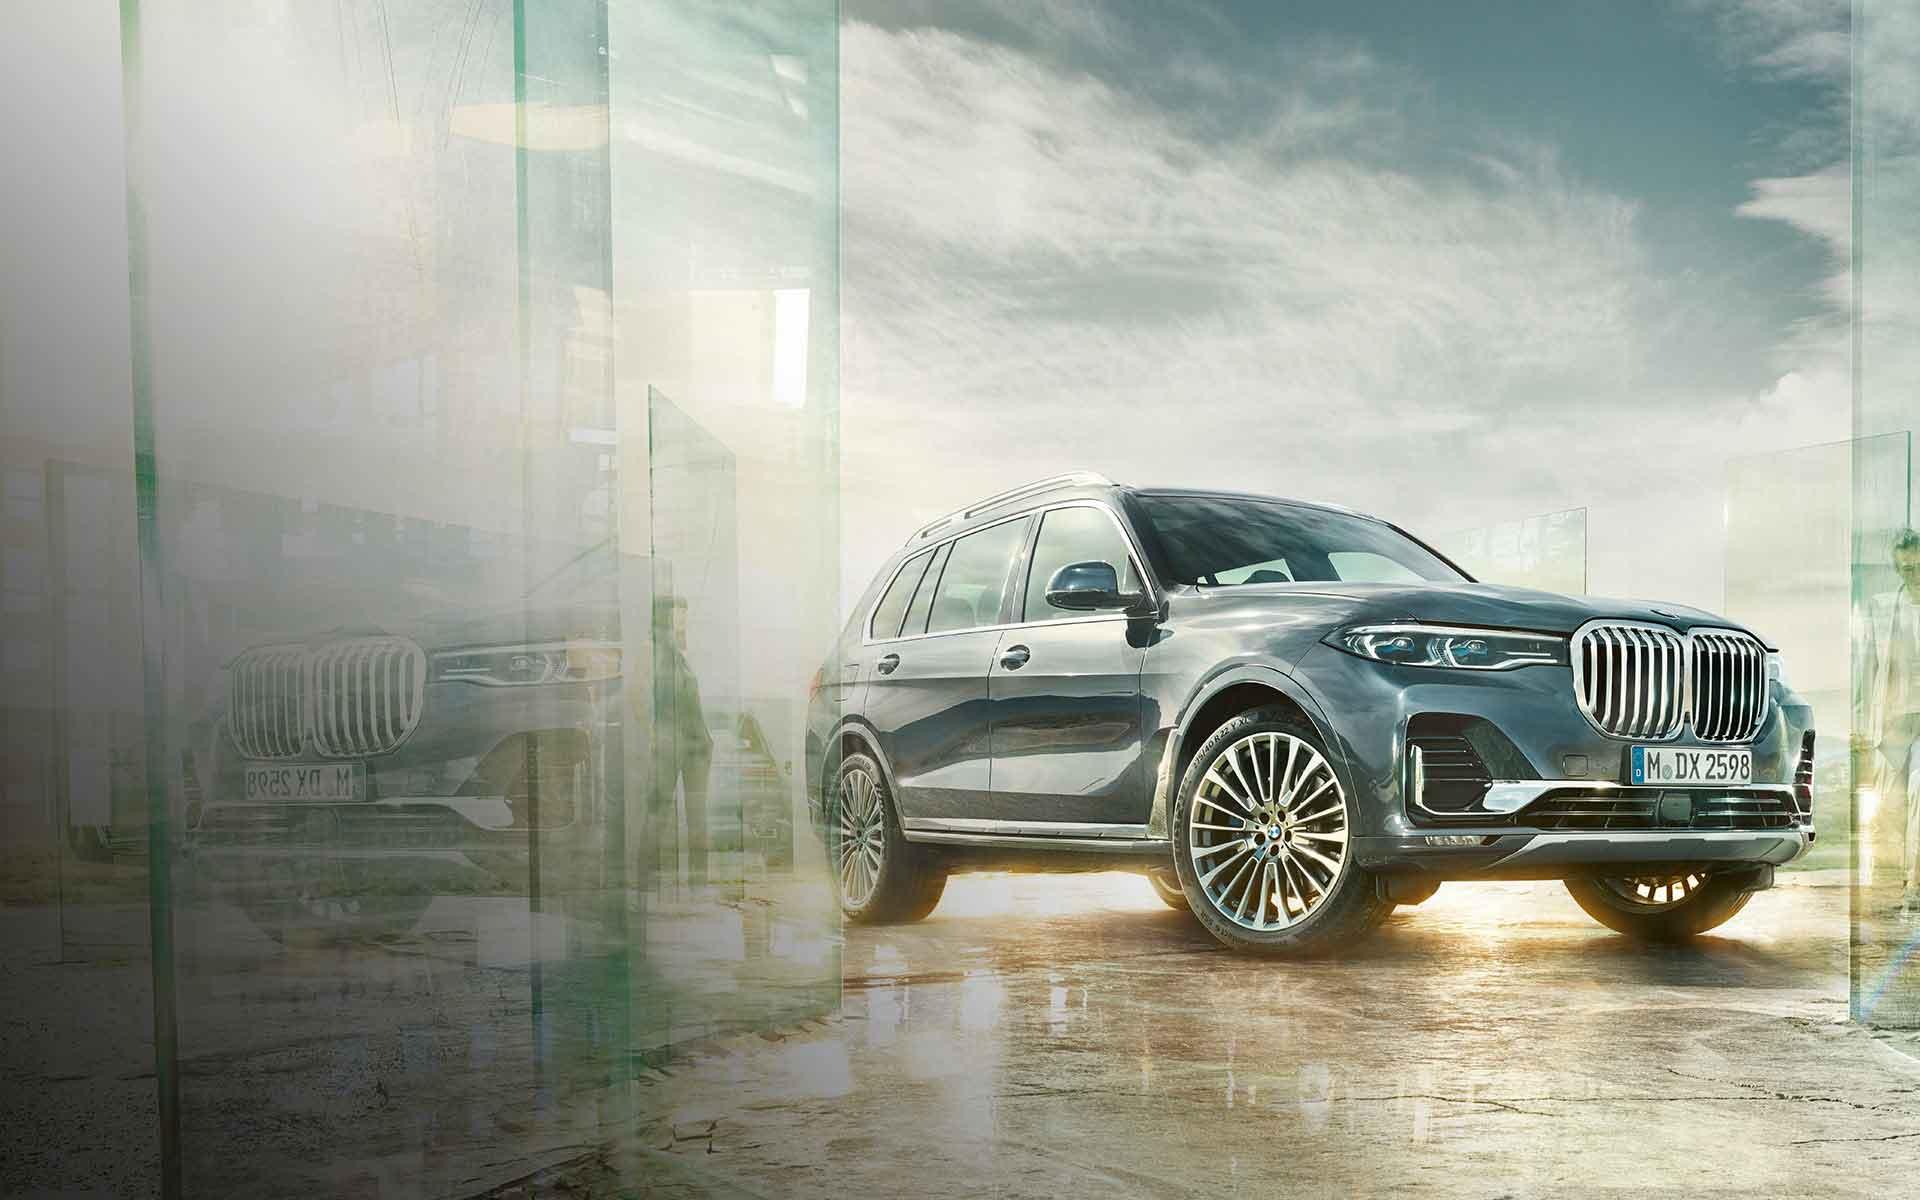 The BMW X7